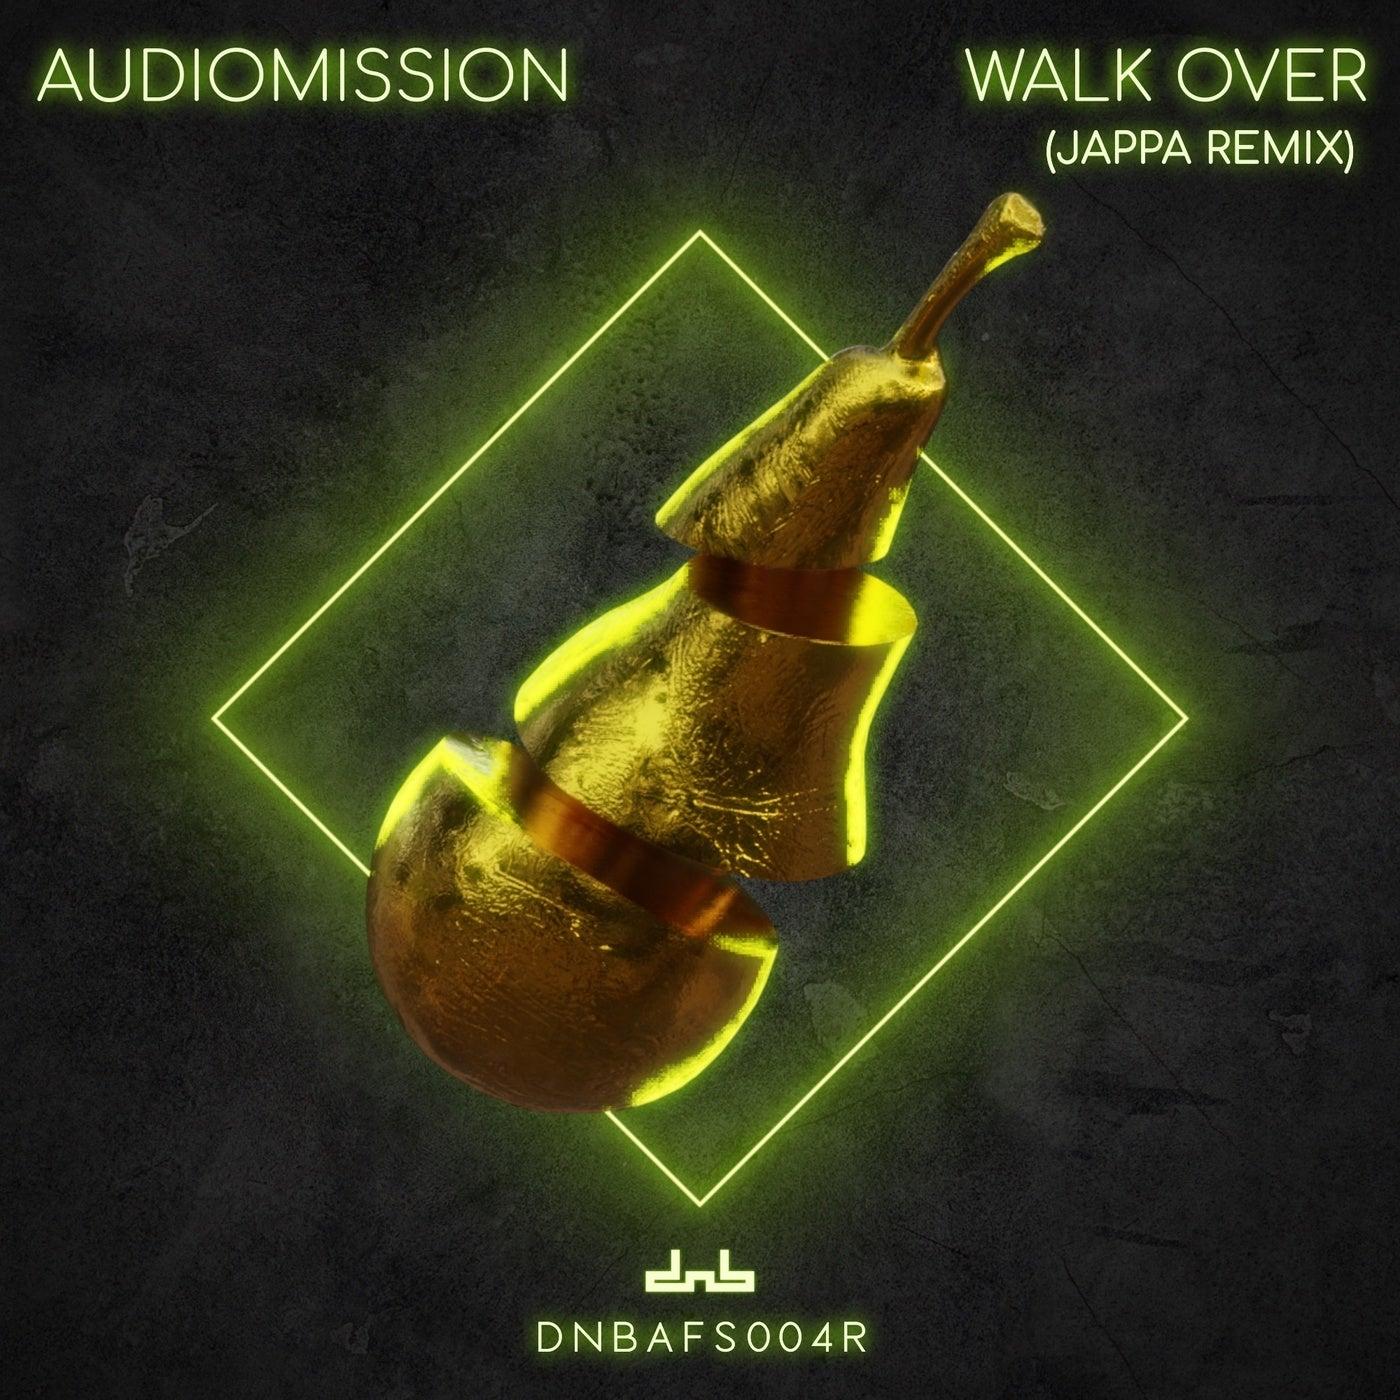 Walk Over (Jappa Remix)